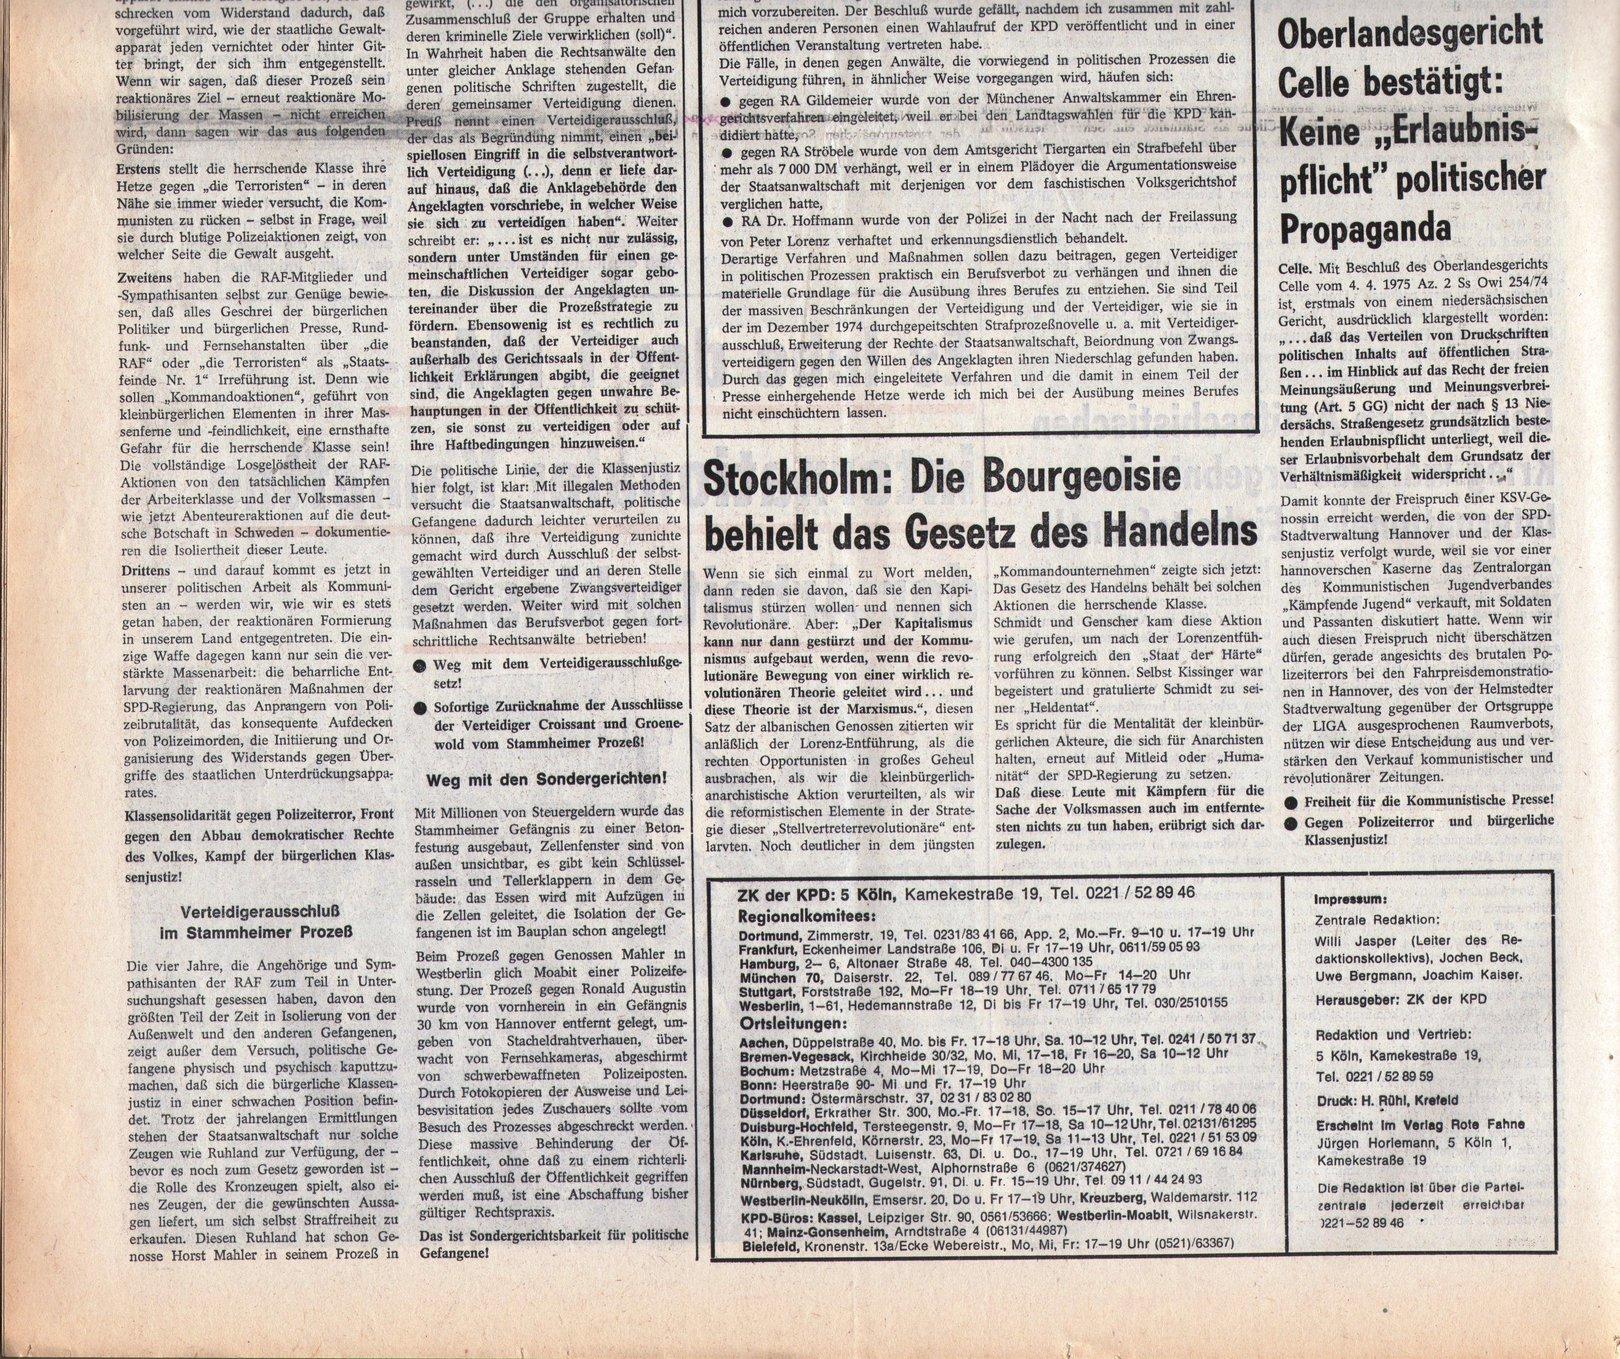 KPD_Rote_Fahne_1975_17_04